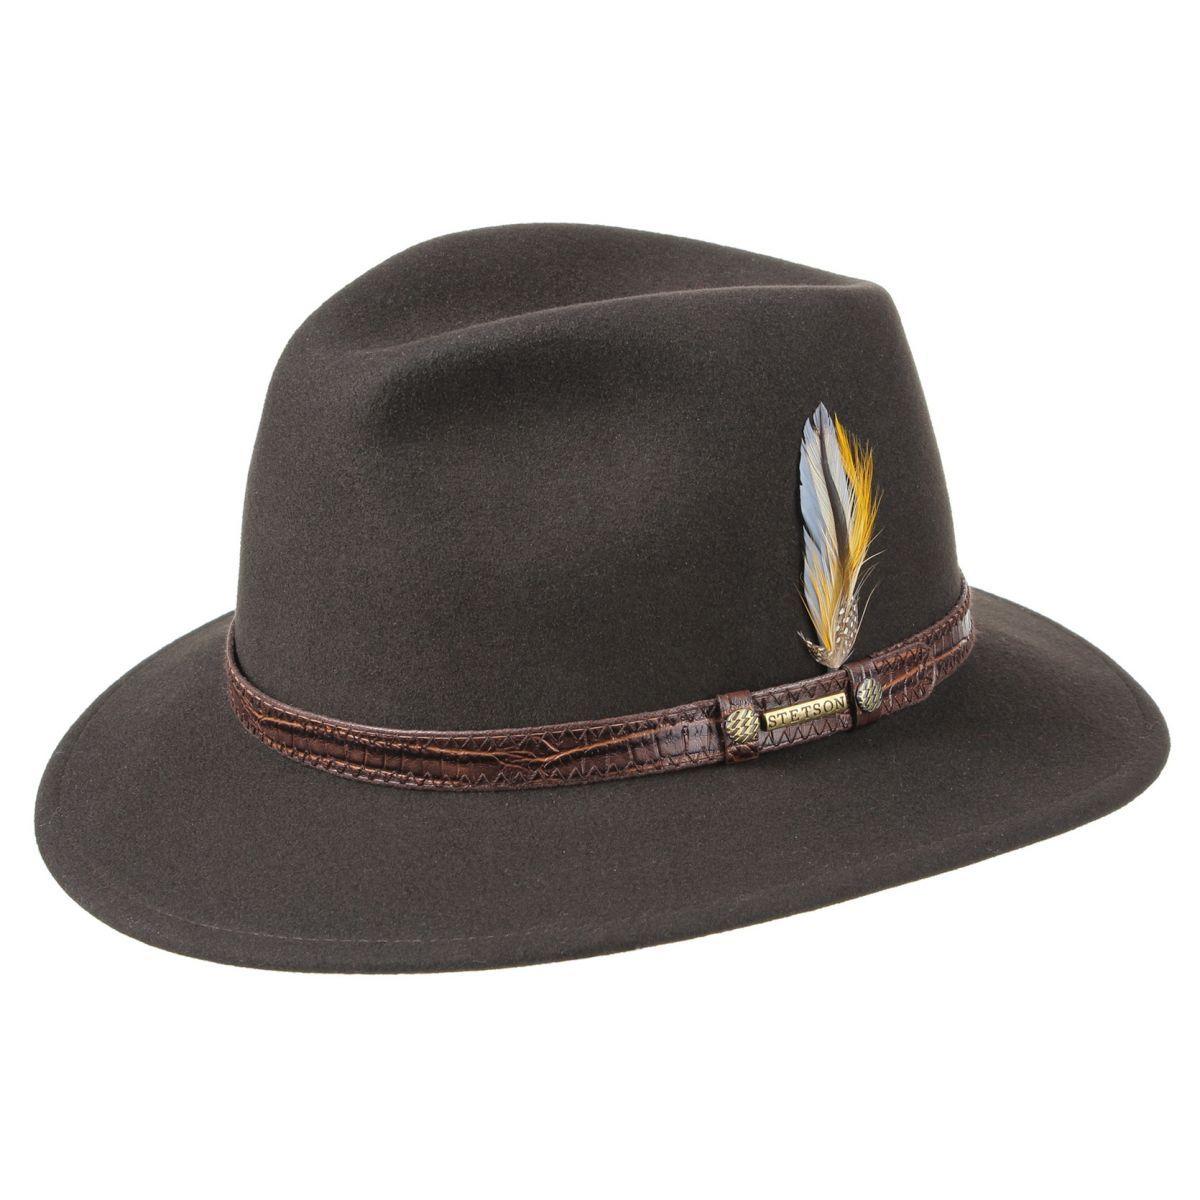 Sombrero de lujo con el exclusivo tejido de lana VitaFelt. Es 100%  repelente al agua y a la suciedad (incluido el aceite). Tiene un tejido  suave y es ... fb626efc5ef